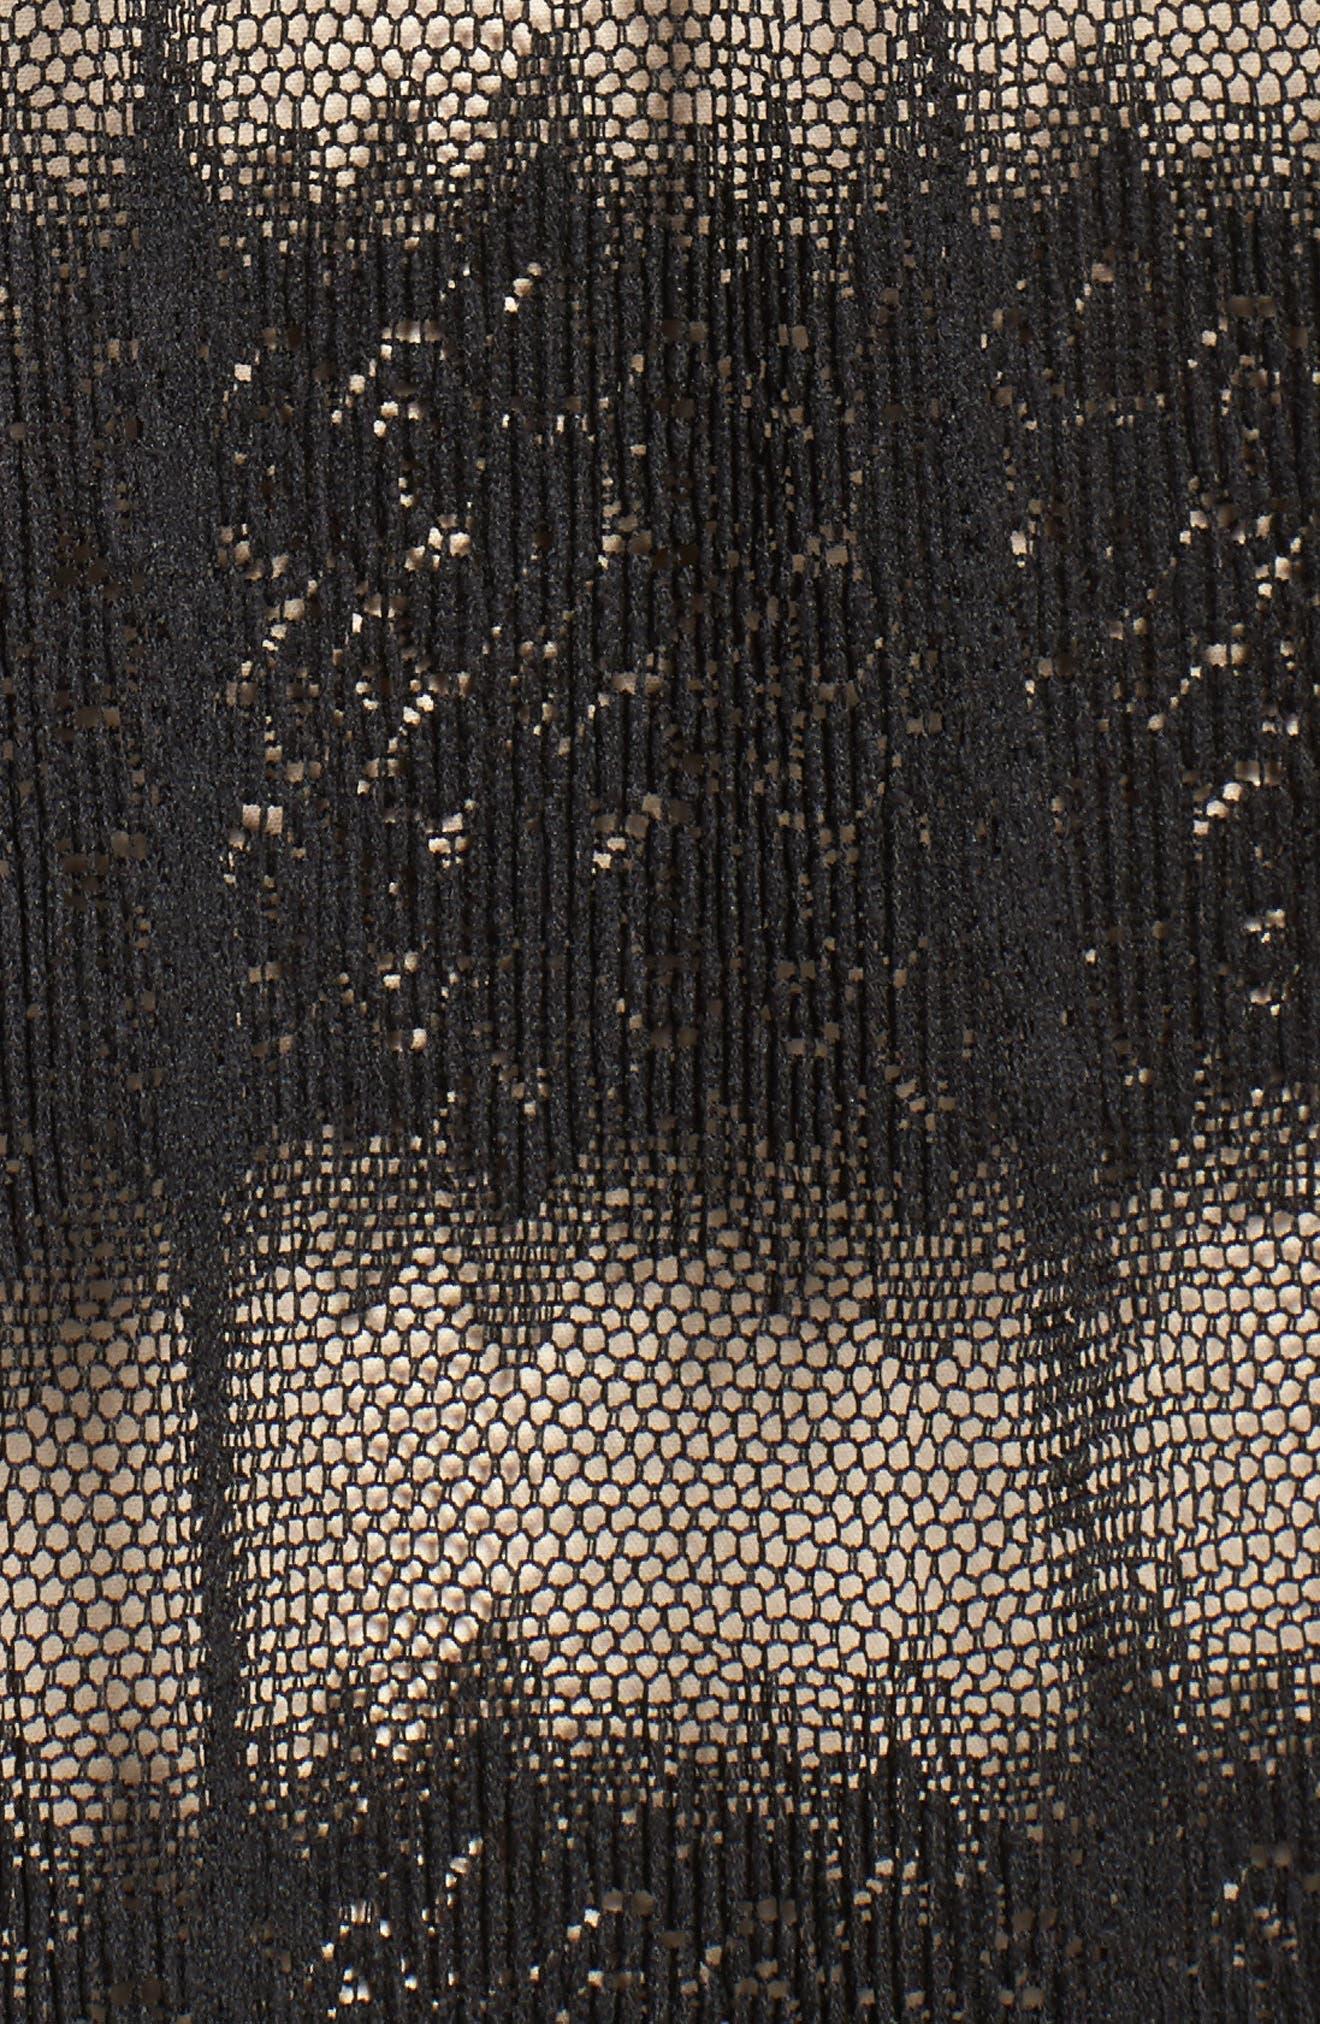 Angelique Deep V-Neck Lace Dress,                             Alternate thumbnail 5, color,                             001